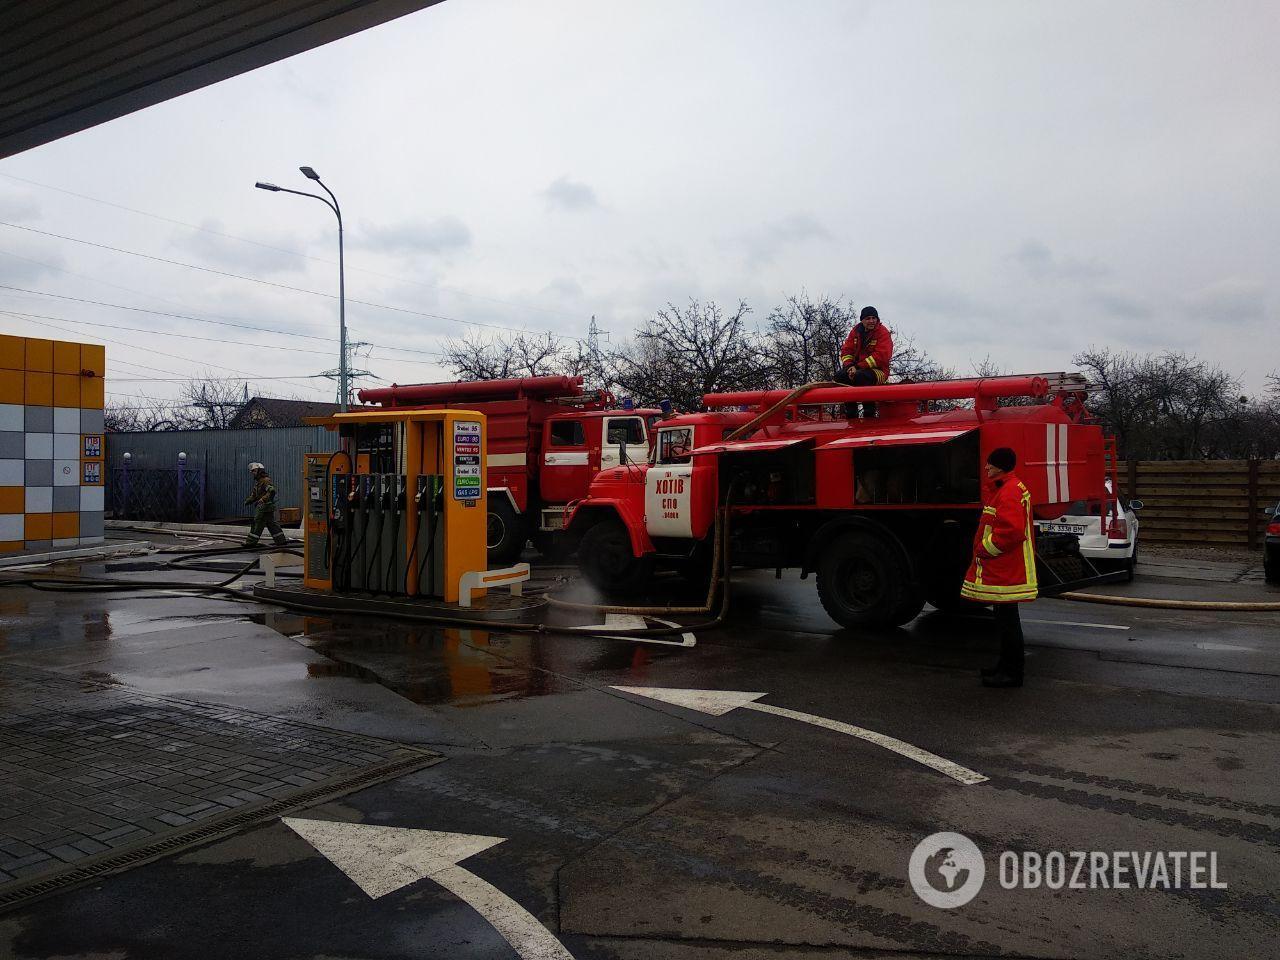 Под Киевом загорелся отель возле АЗС: все детали, фото и видео